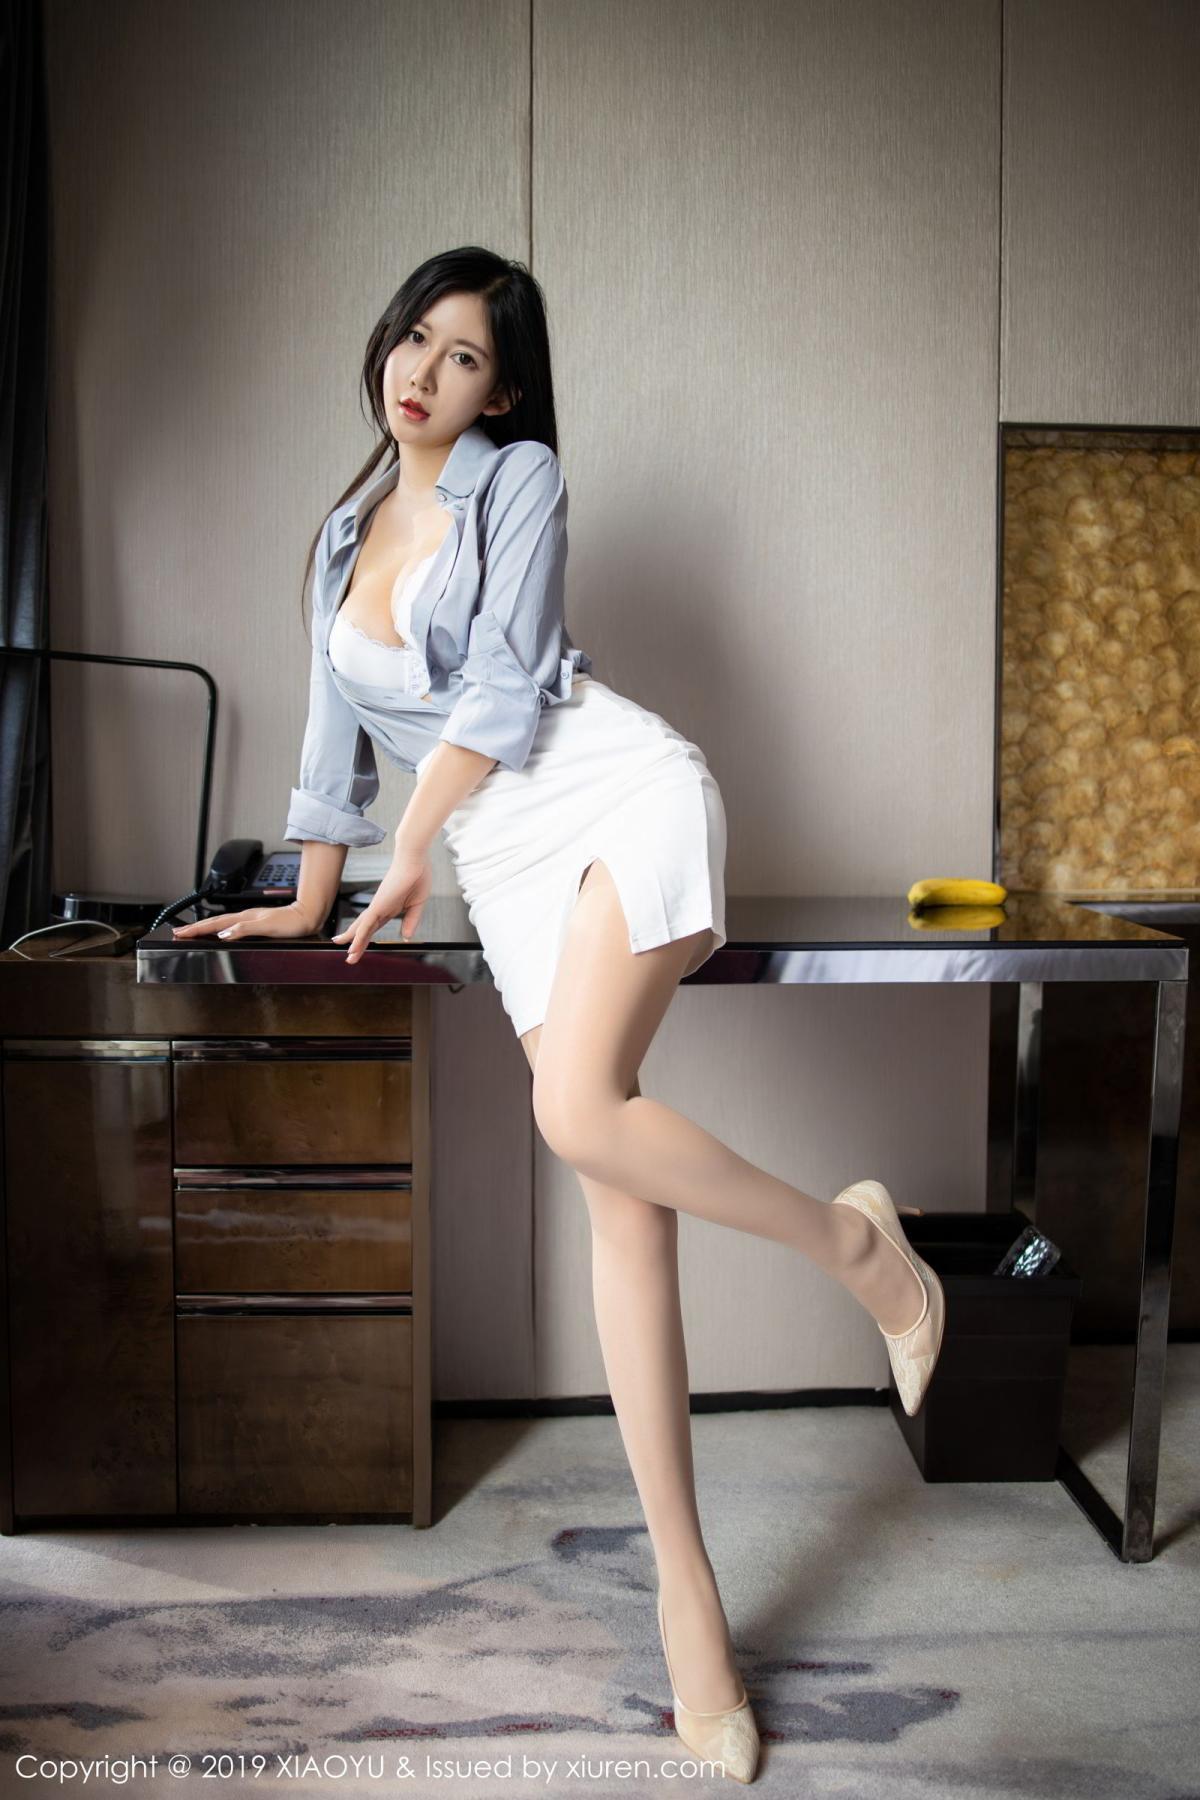 [XiaoYu] Vol.180 Li Ya 29P, Li Ya, Underwear, XiaoYu